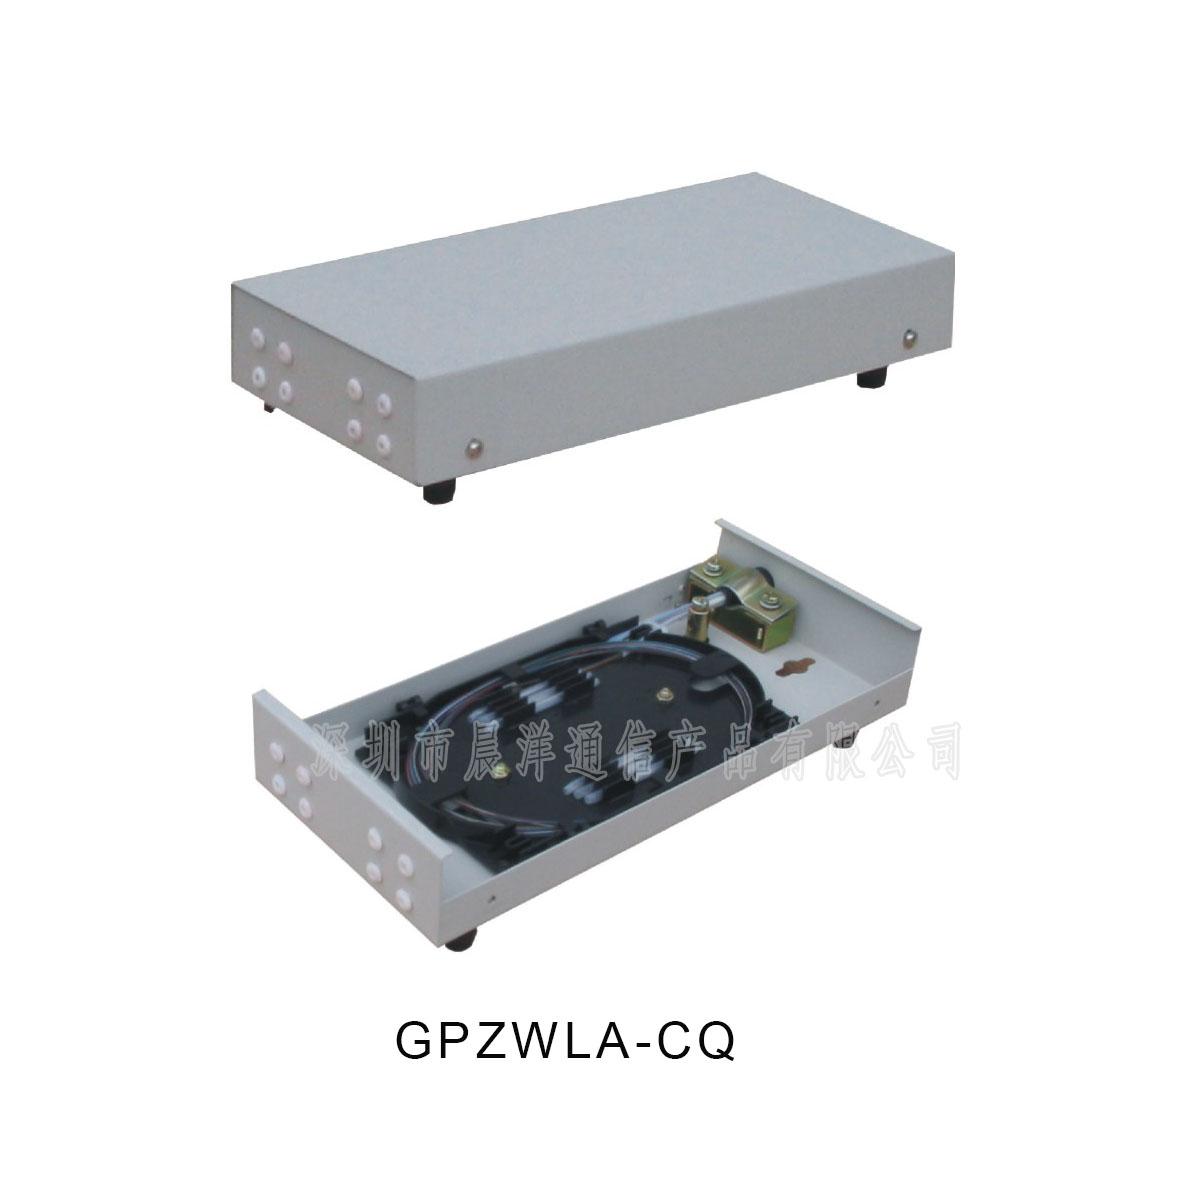 GPZWLA-CQ